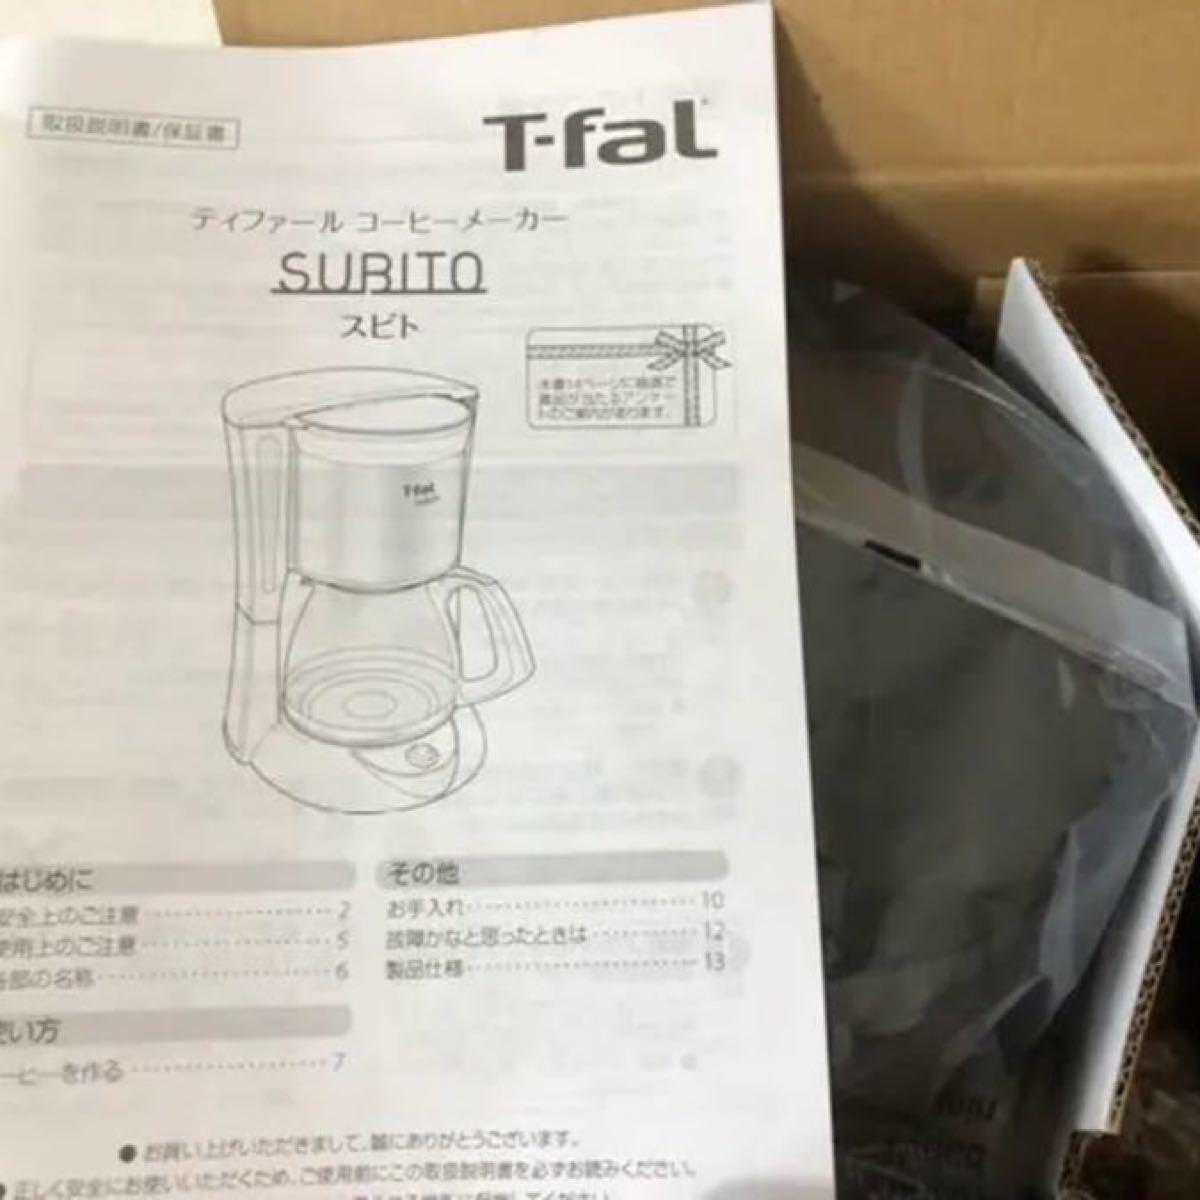 ティファール コーヒーメーカー T-fal コーヒーメーカー